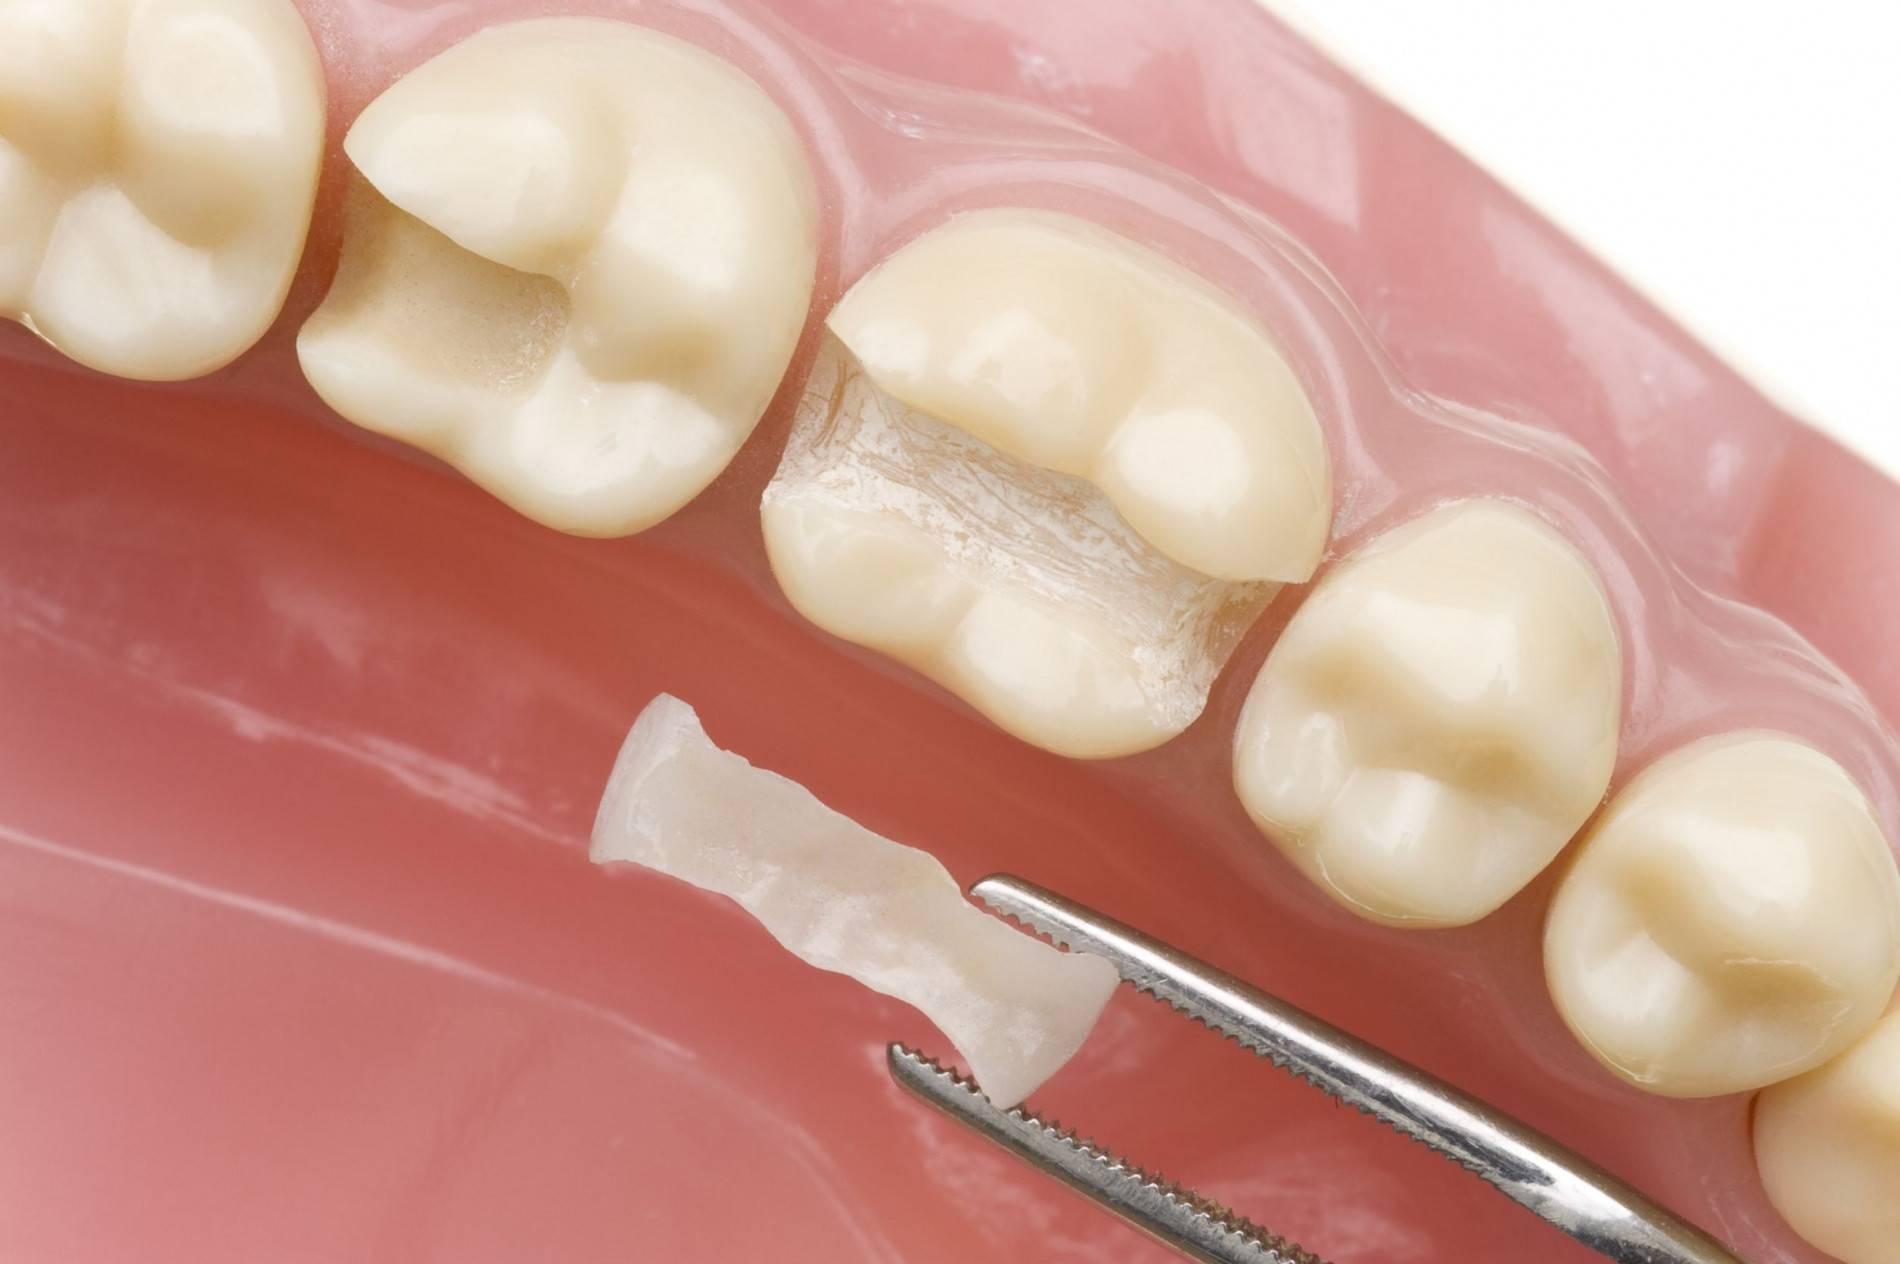 Оправдано ли применение микропротезов для восстановления и замены зубов